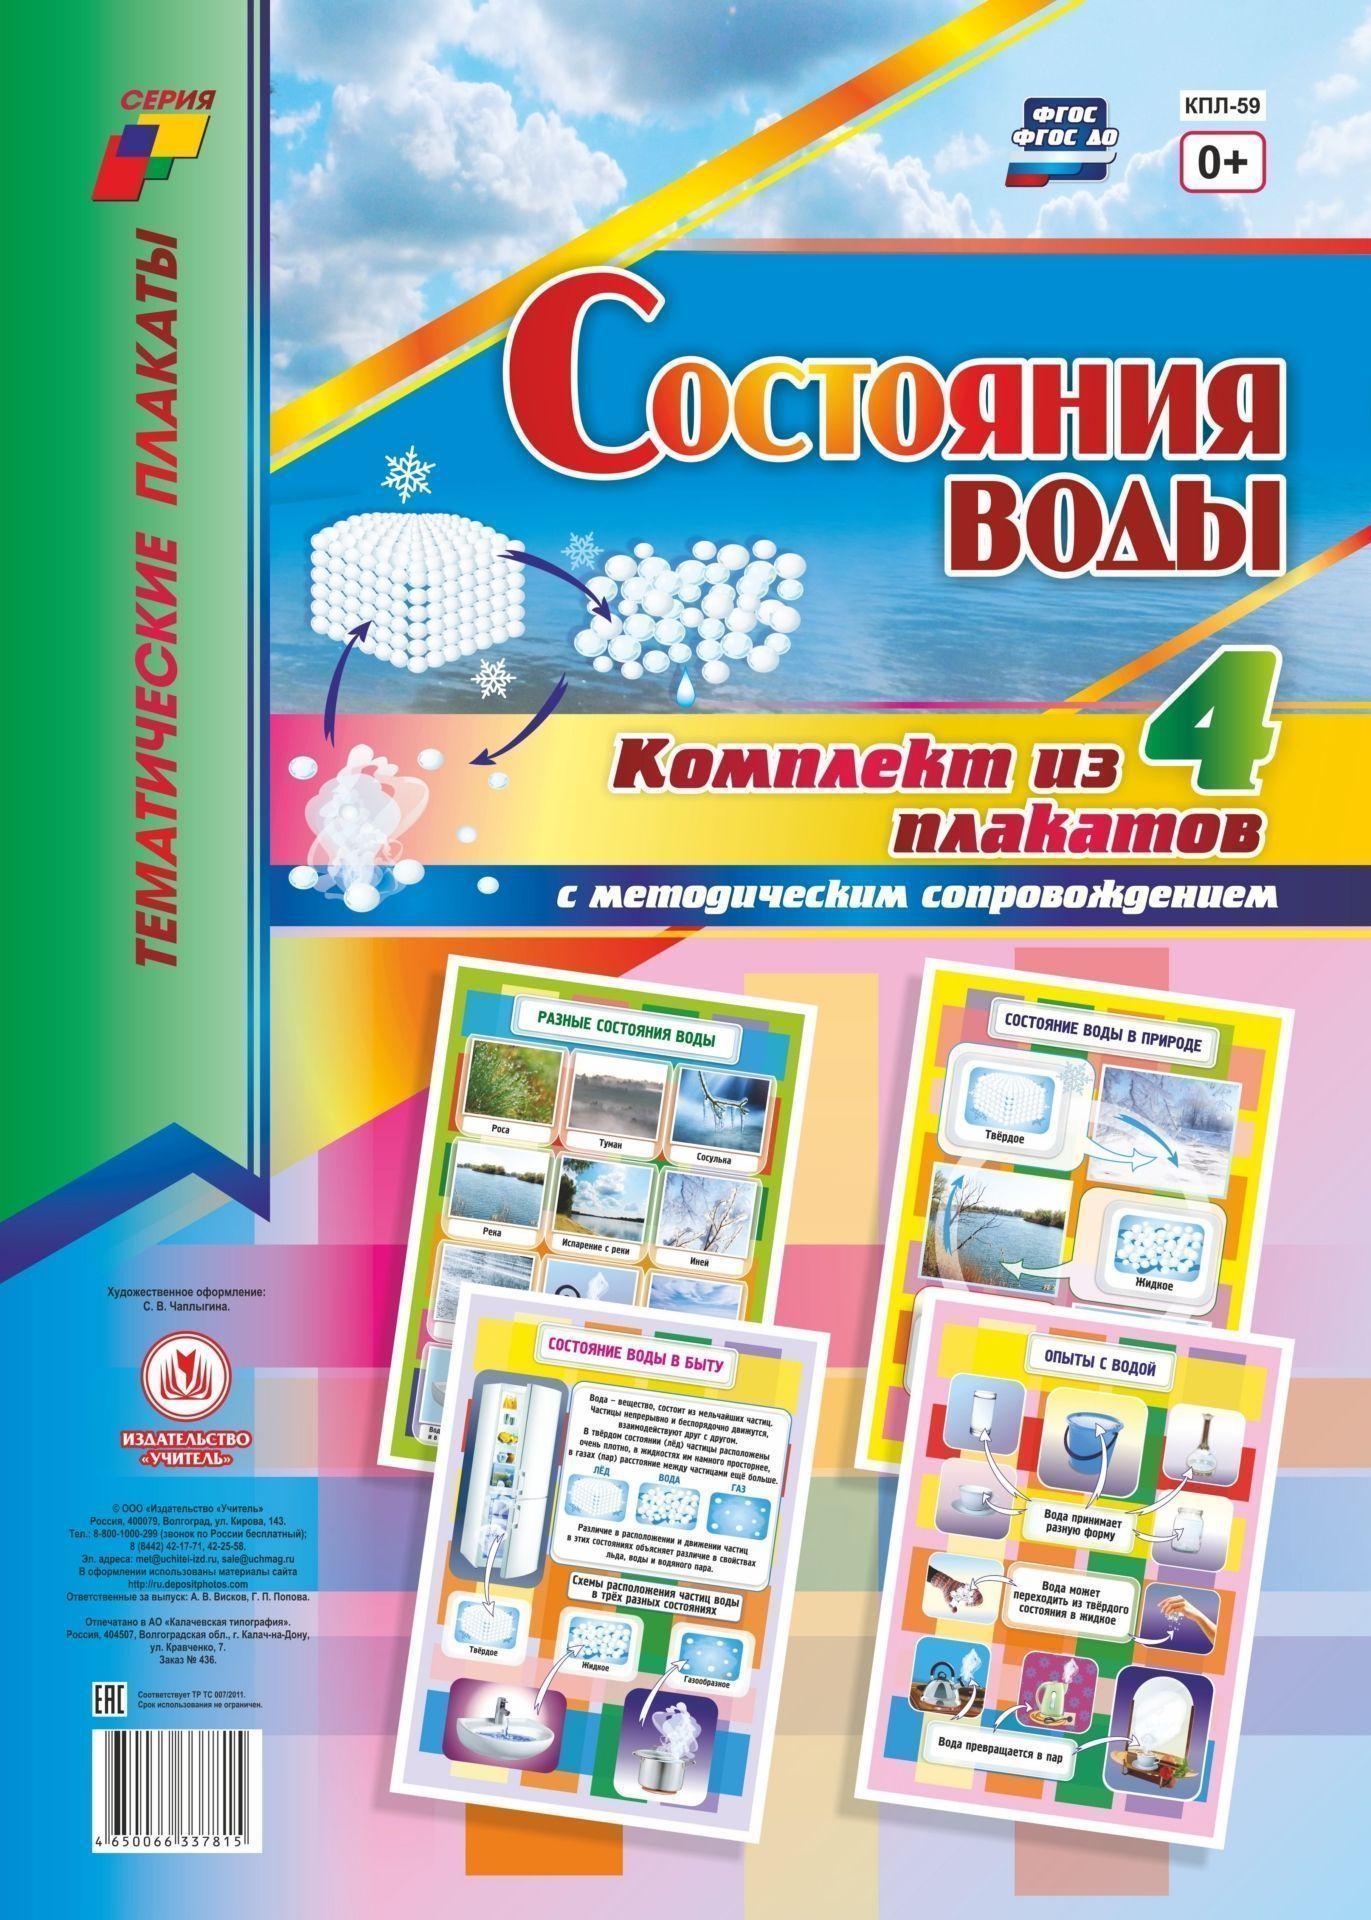 Комплект плакатов Состояние воды: 4 плаката с методическим сопровождениемТематические плакаты<br>.<br><br>Год: 2017<br>Серия: Тематические плакаты<br>Высота: 297<br>Ширина: 420